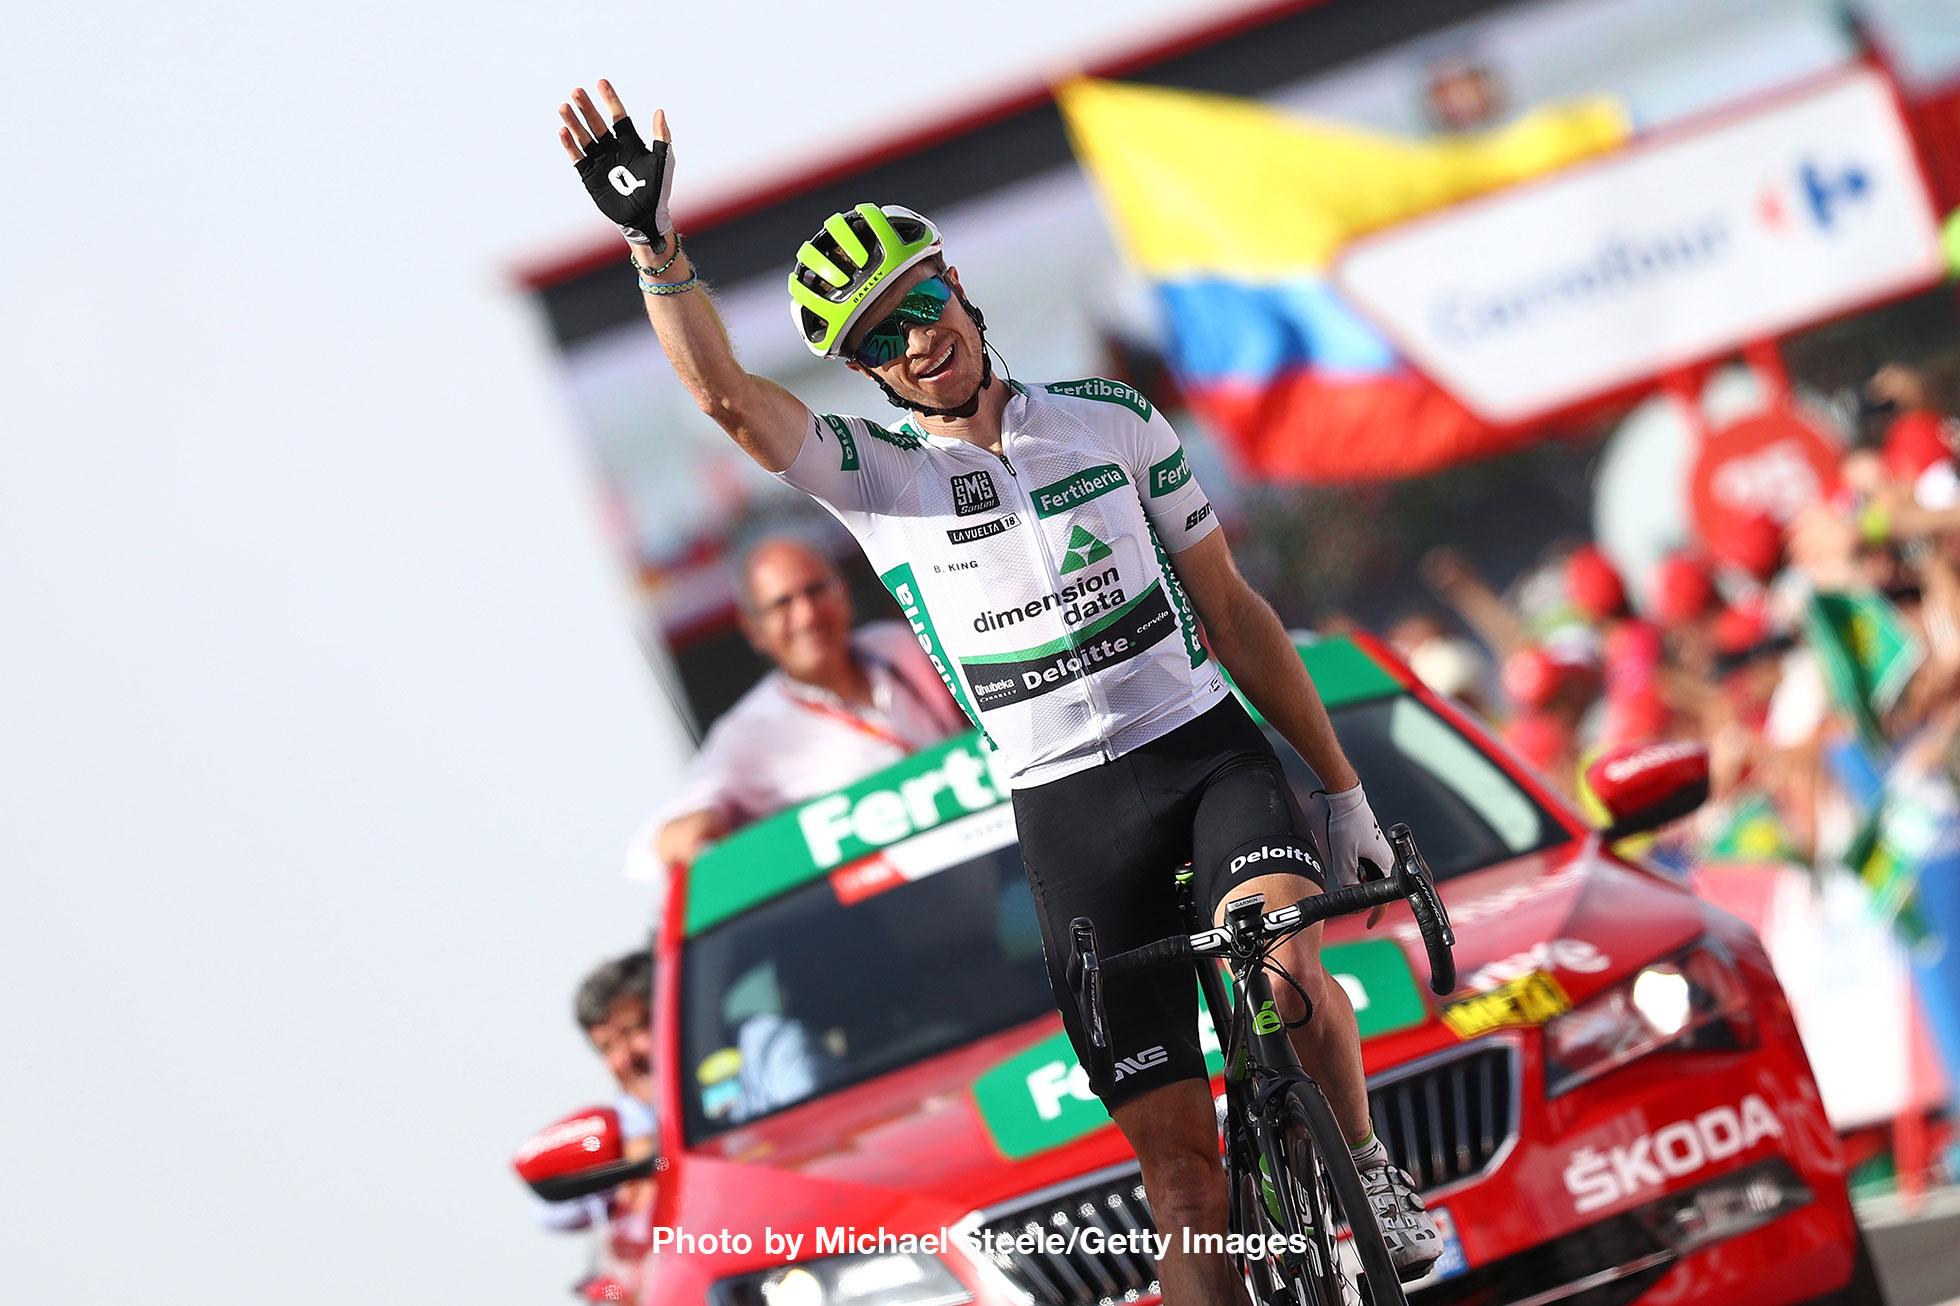 ブエルタ・ア・エスパーニャ2018 第9ステージ勝利のベンジャミン・キング